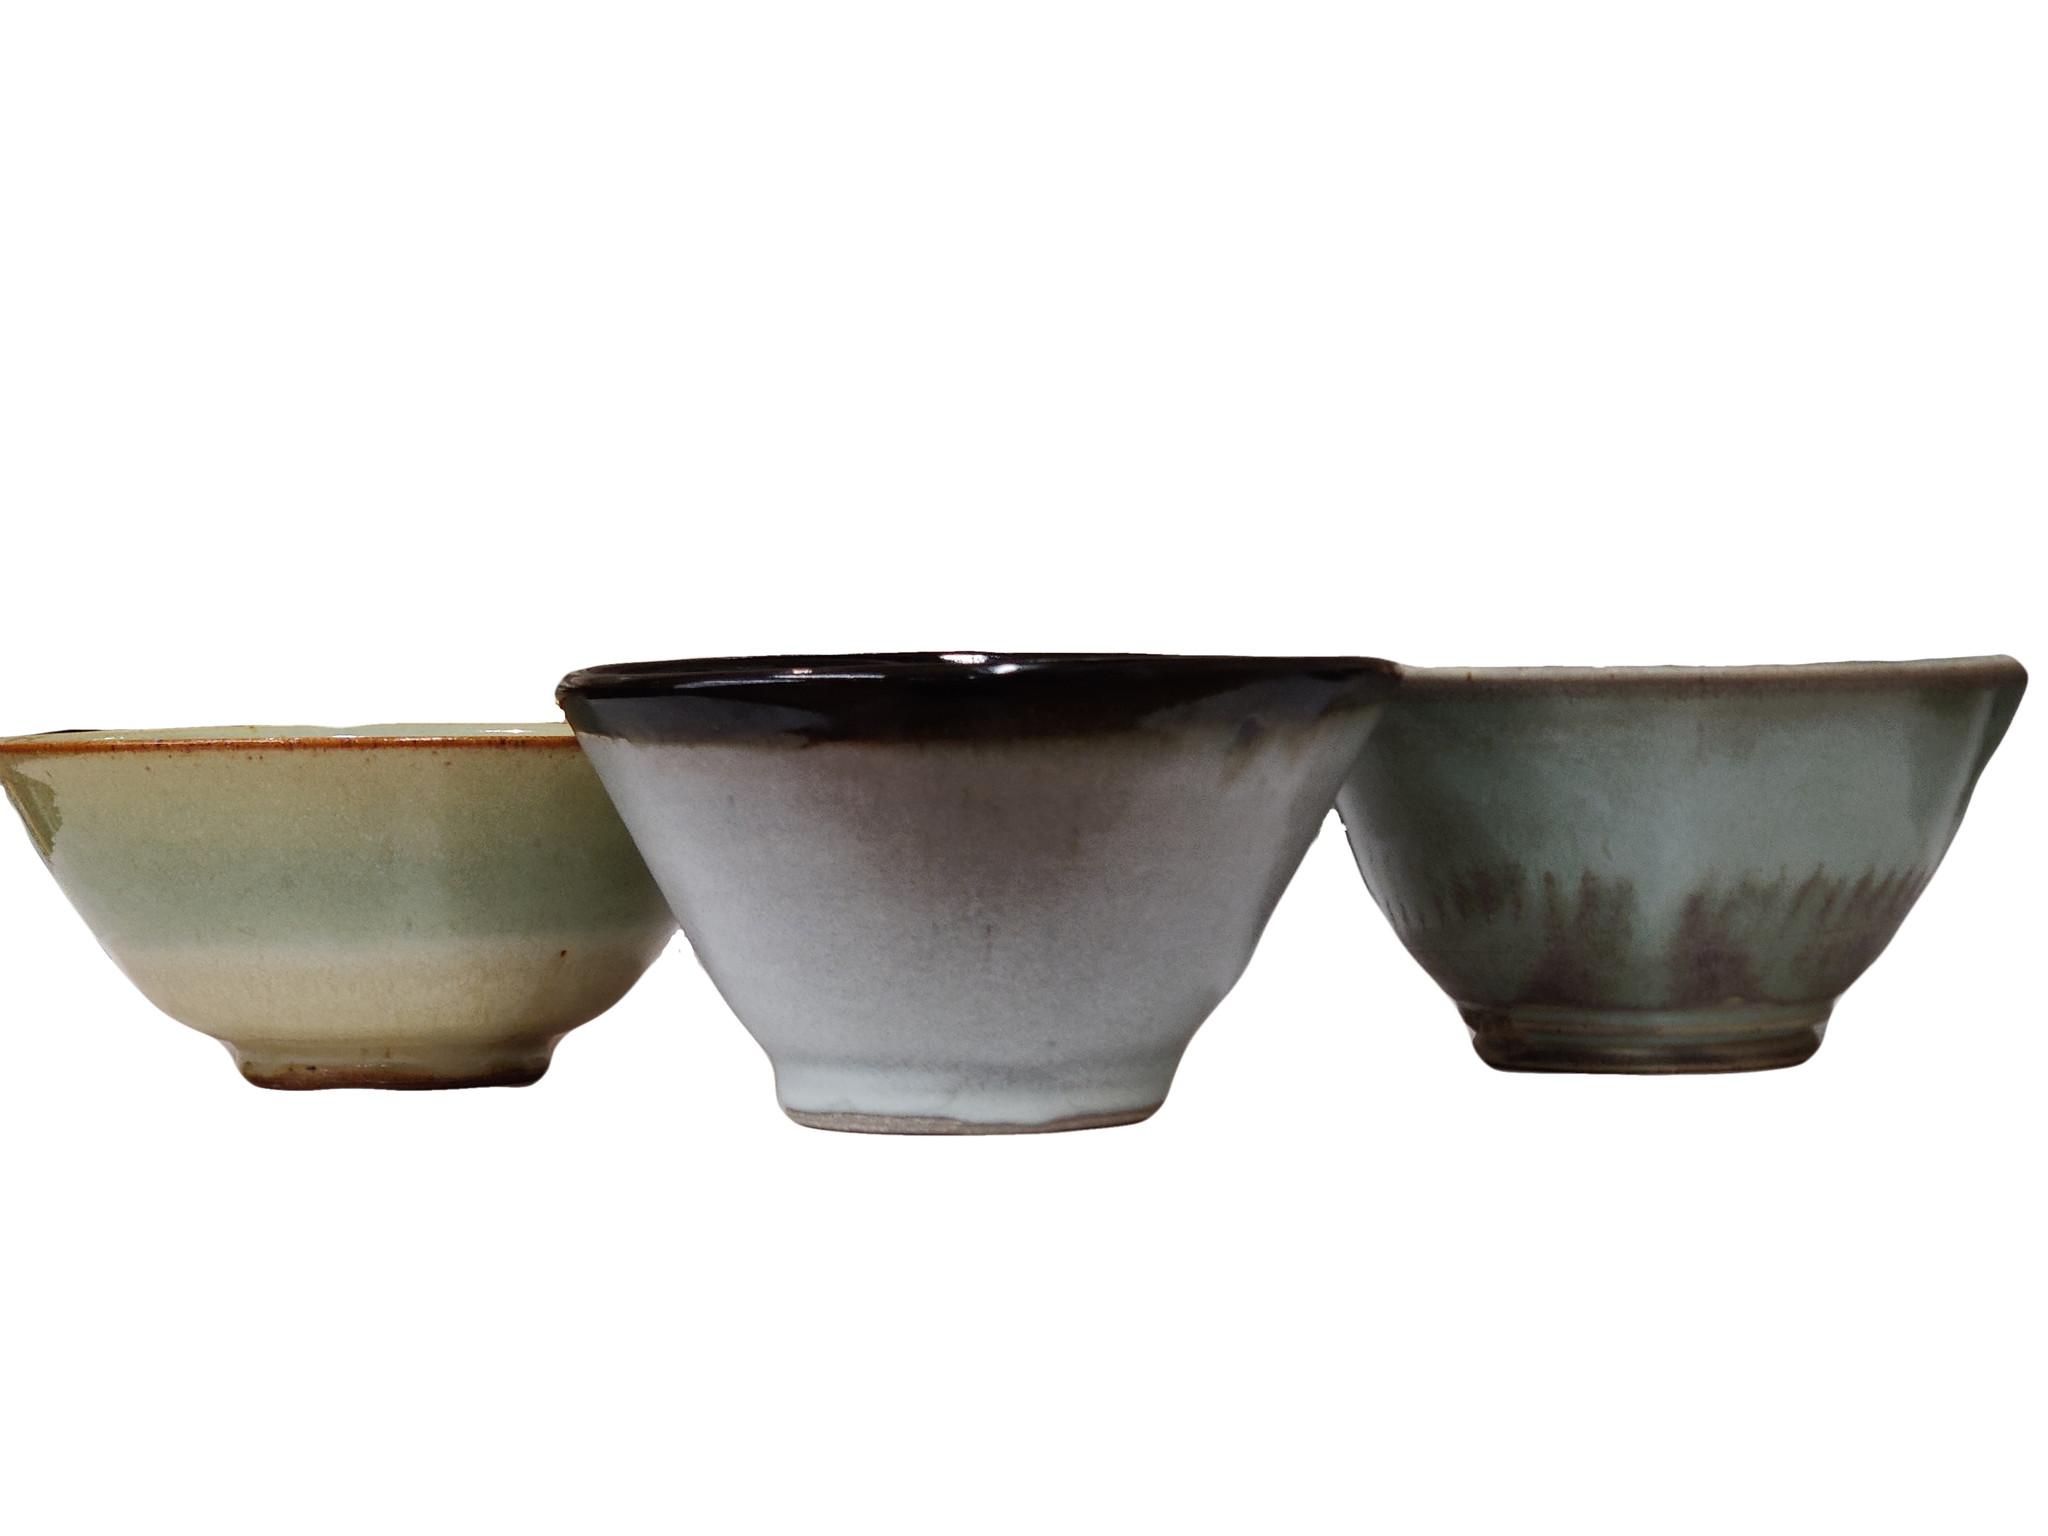 Variety V-Bowl-1